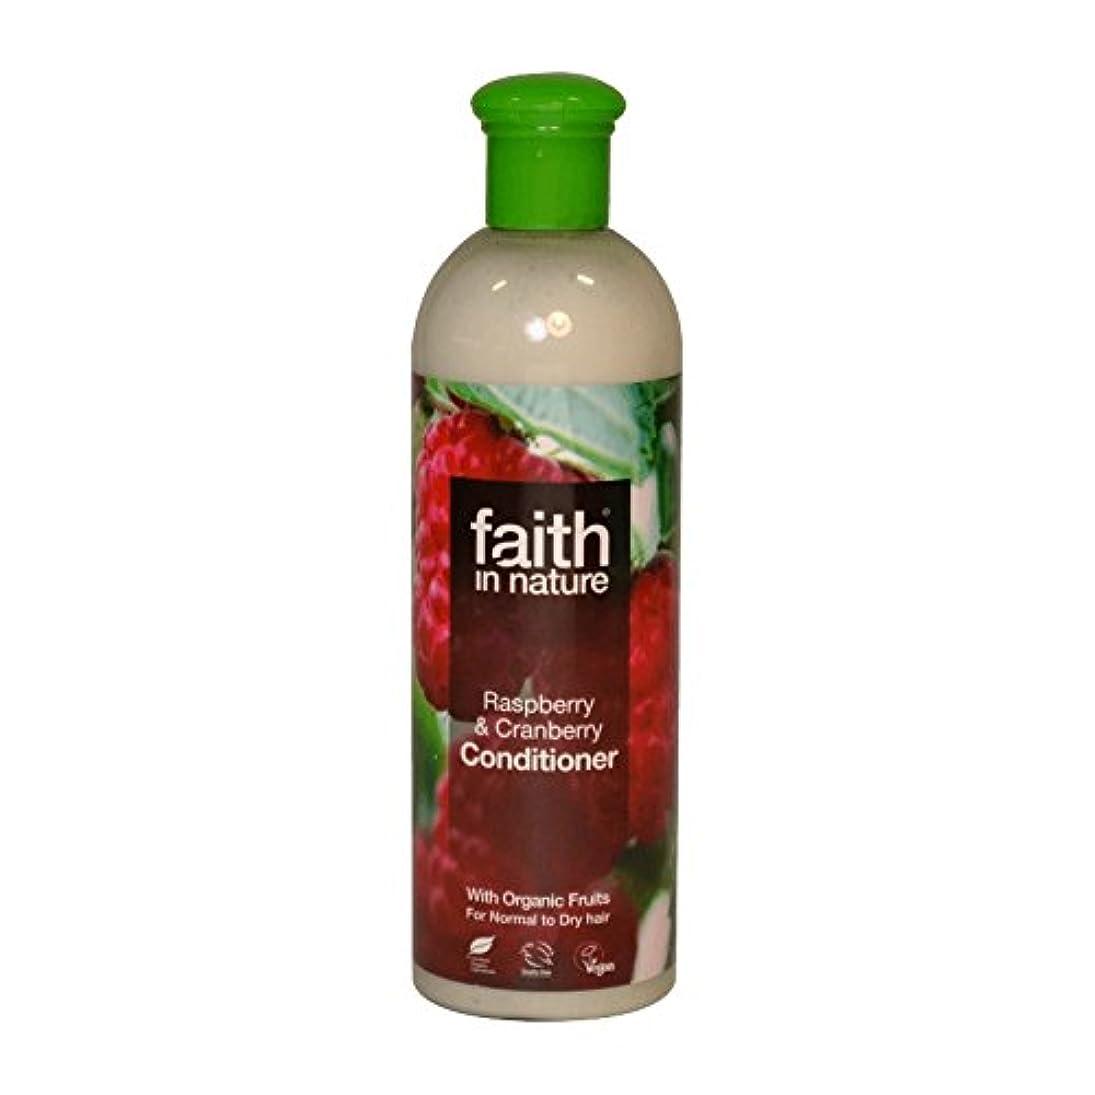 自動的に理由管理します自然ラズベリー&クランベリーコンディショナー400ミリリットルの信仰 - Faith in Nature Raspberry & Cranberry Conditioner 400ml (Faith in Nature)...